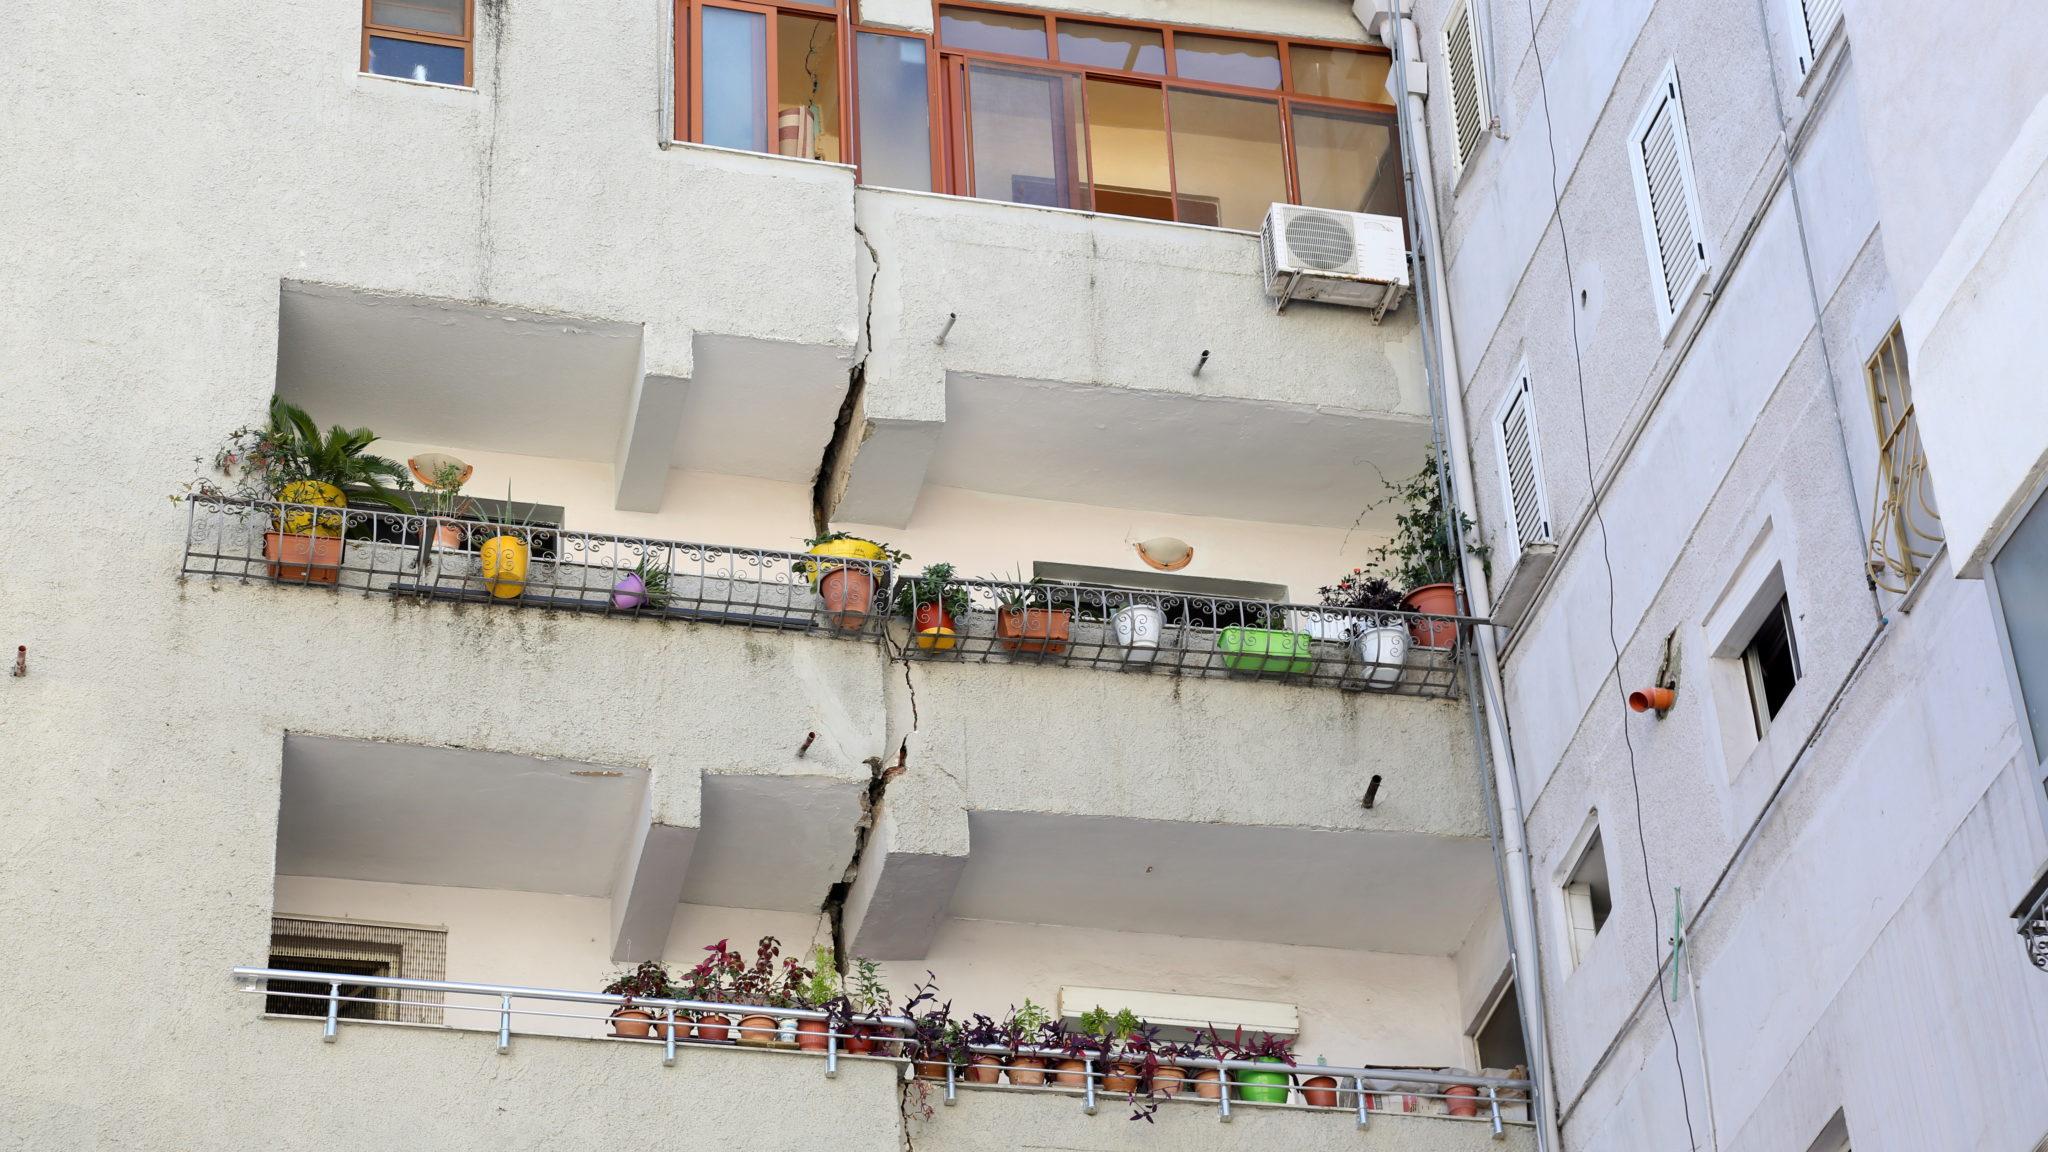 To największe trzęsienie ziemi w tym kraju od ponad 20 lat. Wielu ludzi zostało rannych, fot. Malton Dibra, PAP/EPA